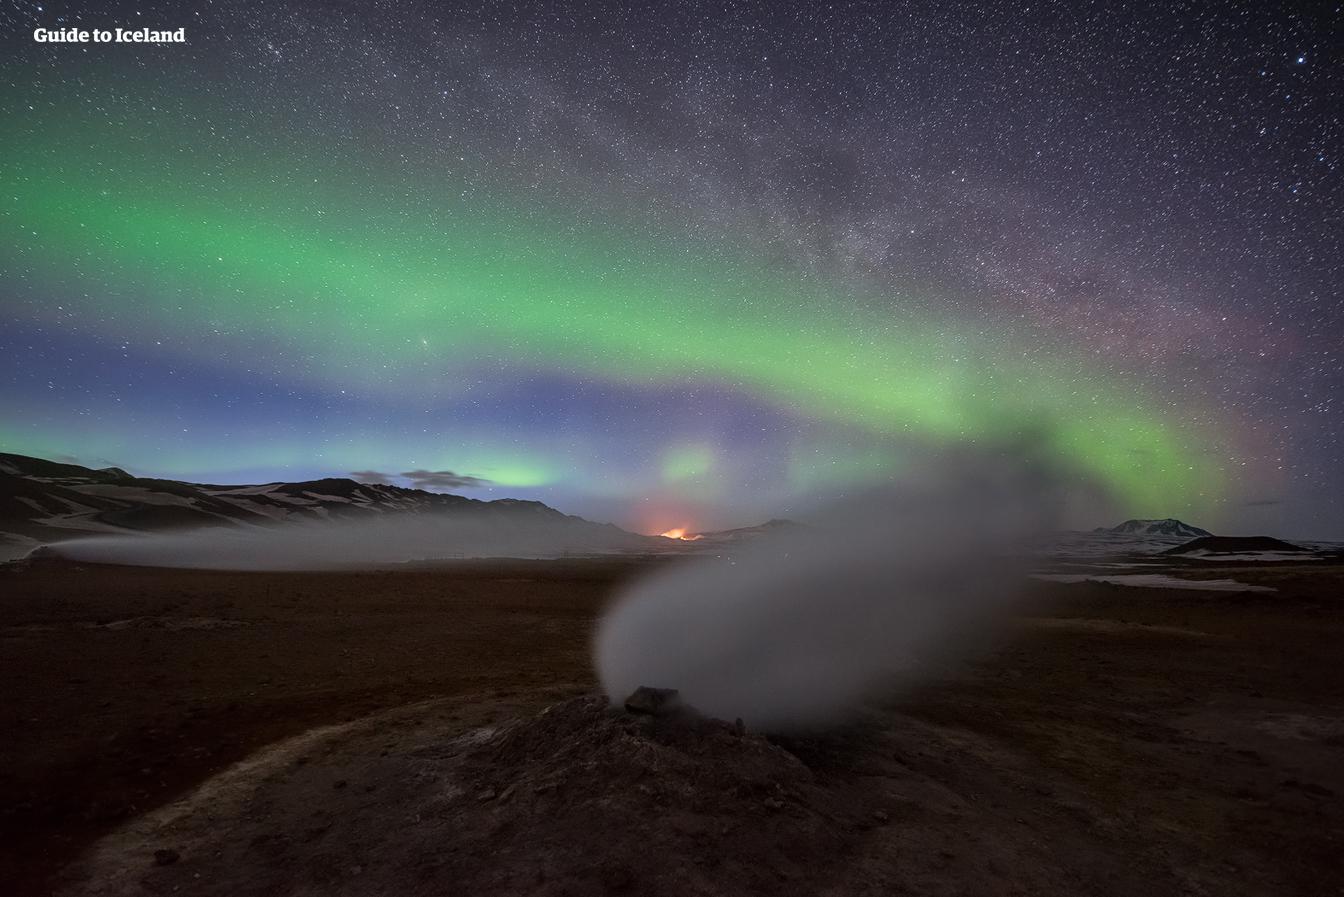 灿烂的北极光在冰岛北部米湖地区上空舞动。